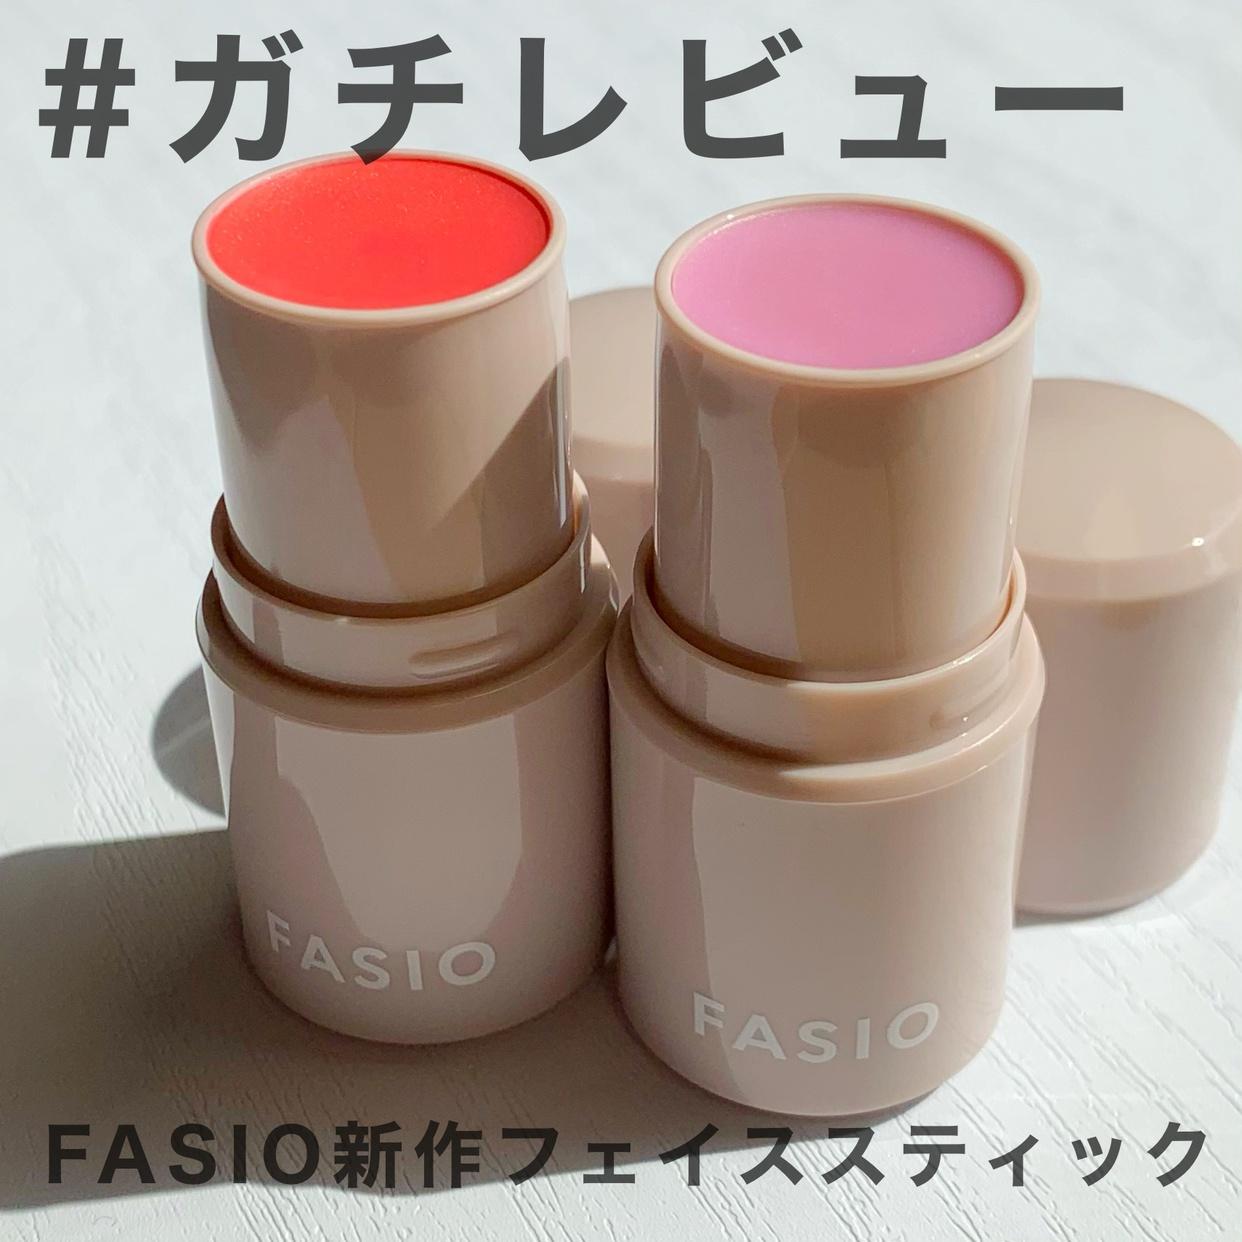 FASIO(ファシオ) マルチ フェイス スティックを使ったKeiさんのクチコミ画像